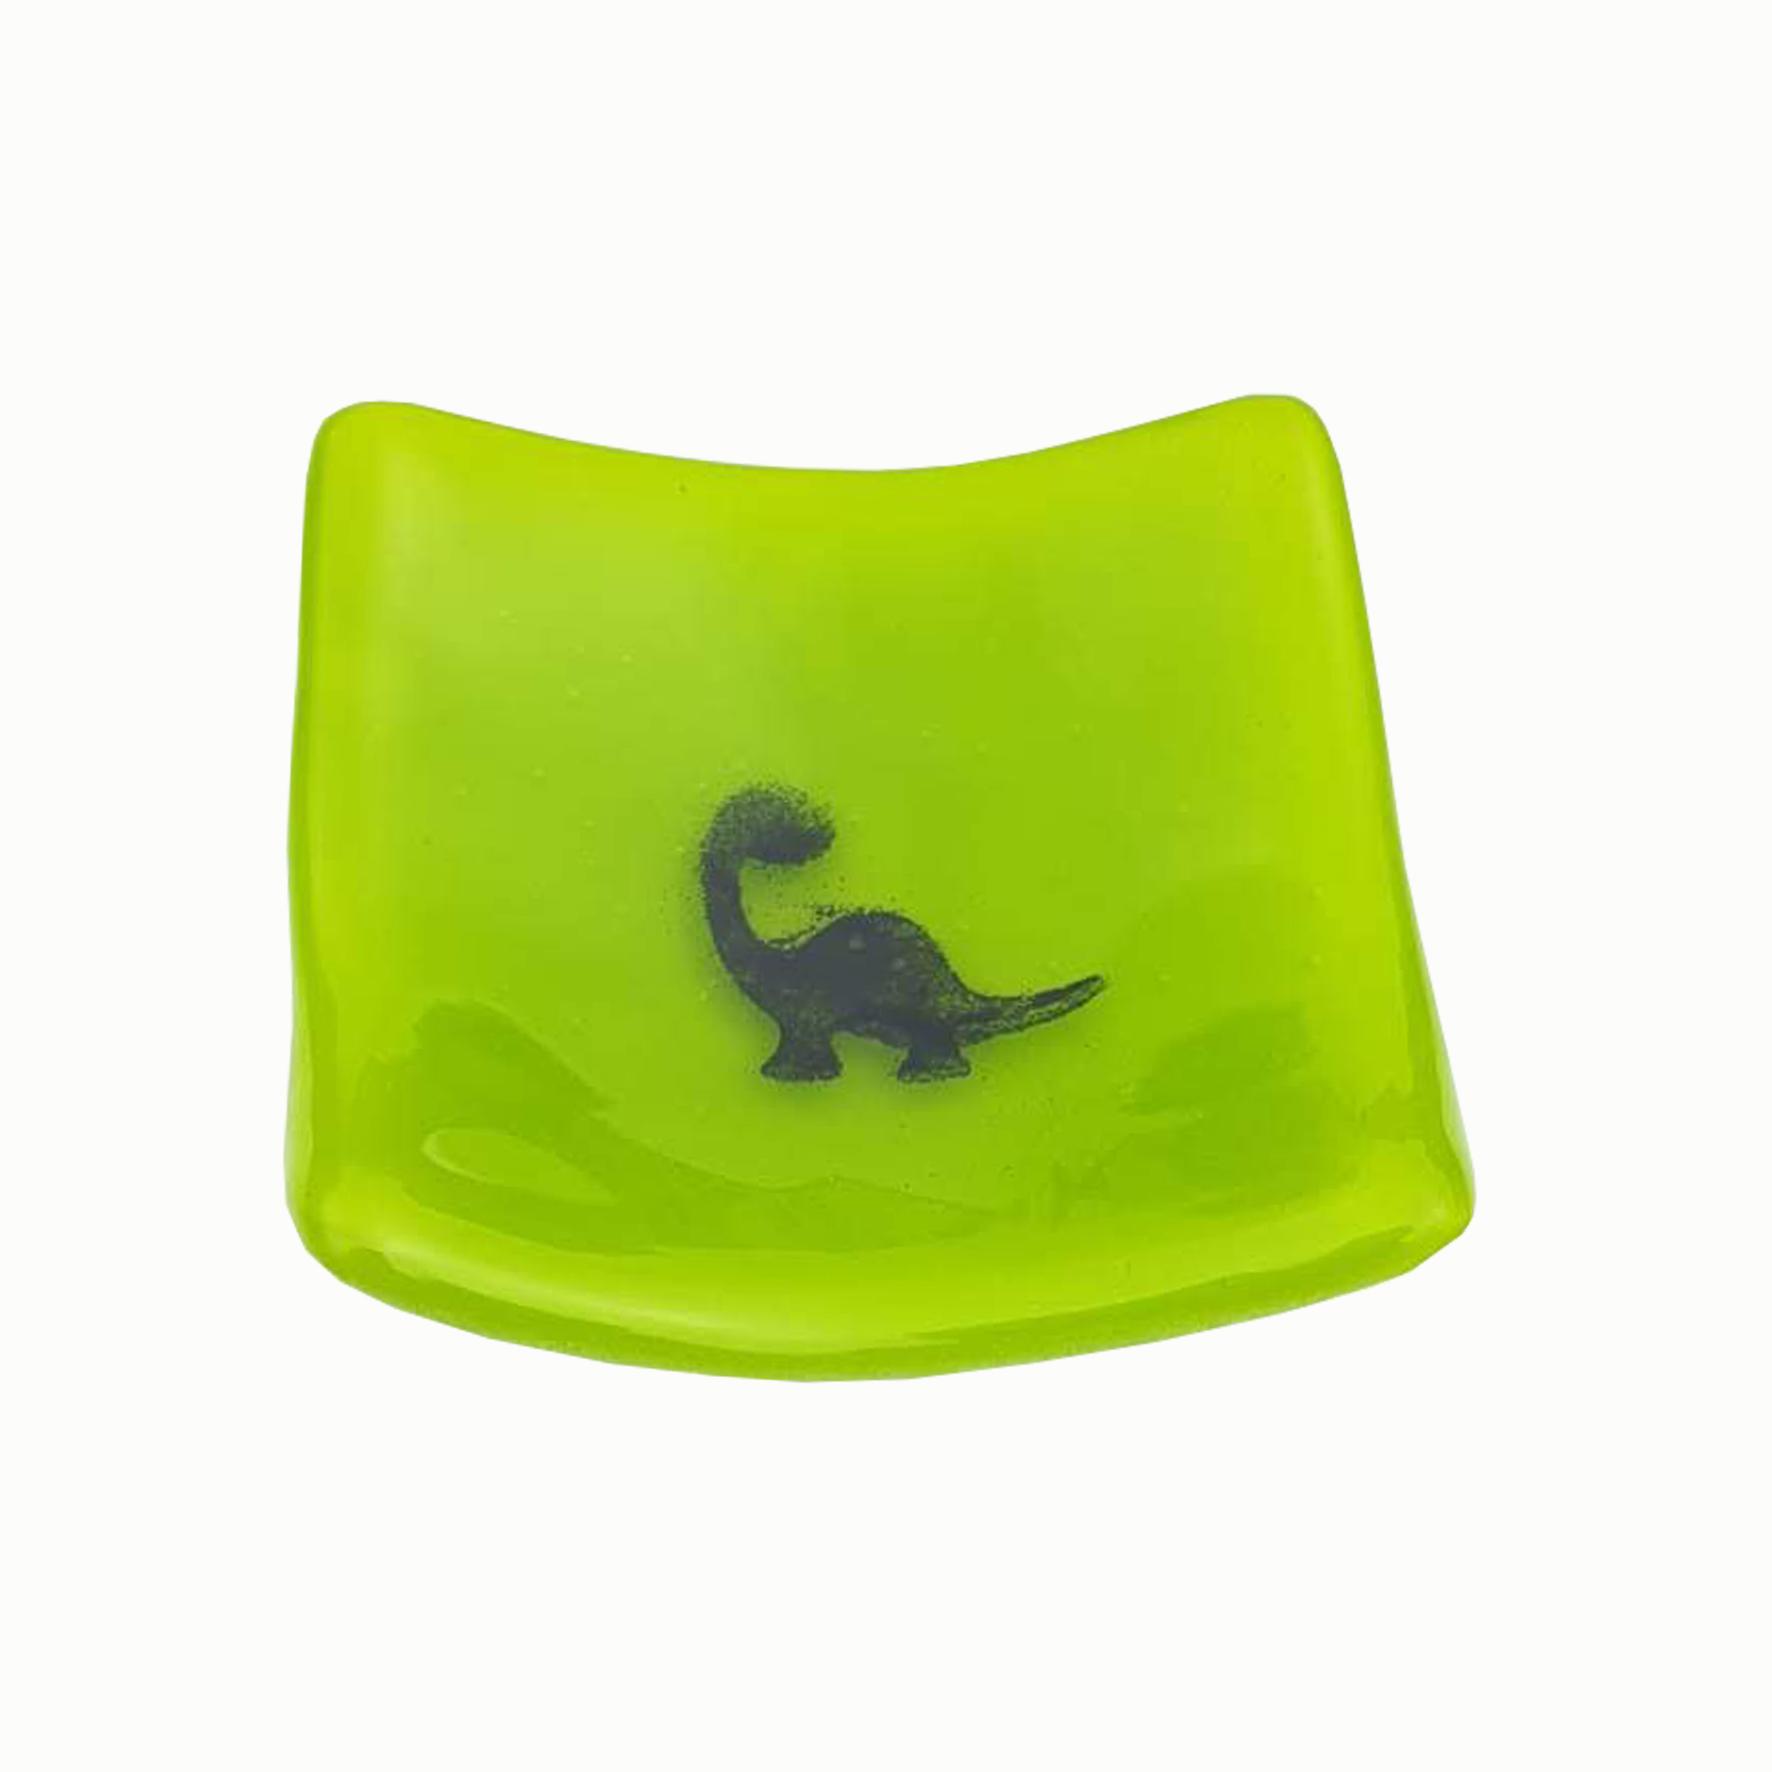 dinosaur-dish